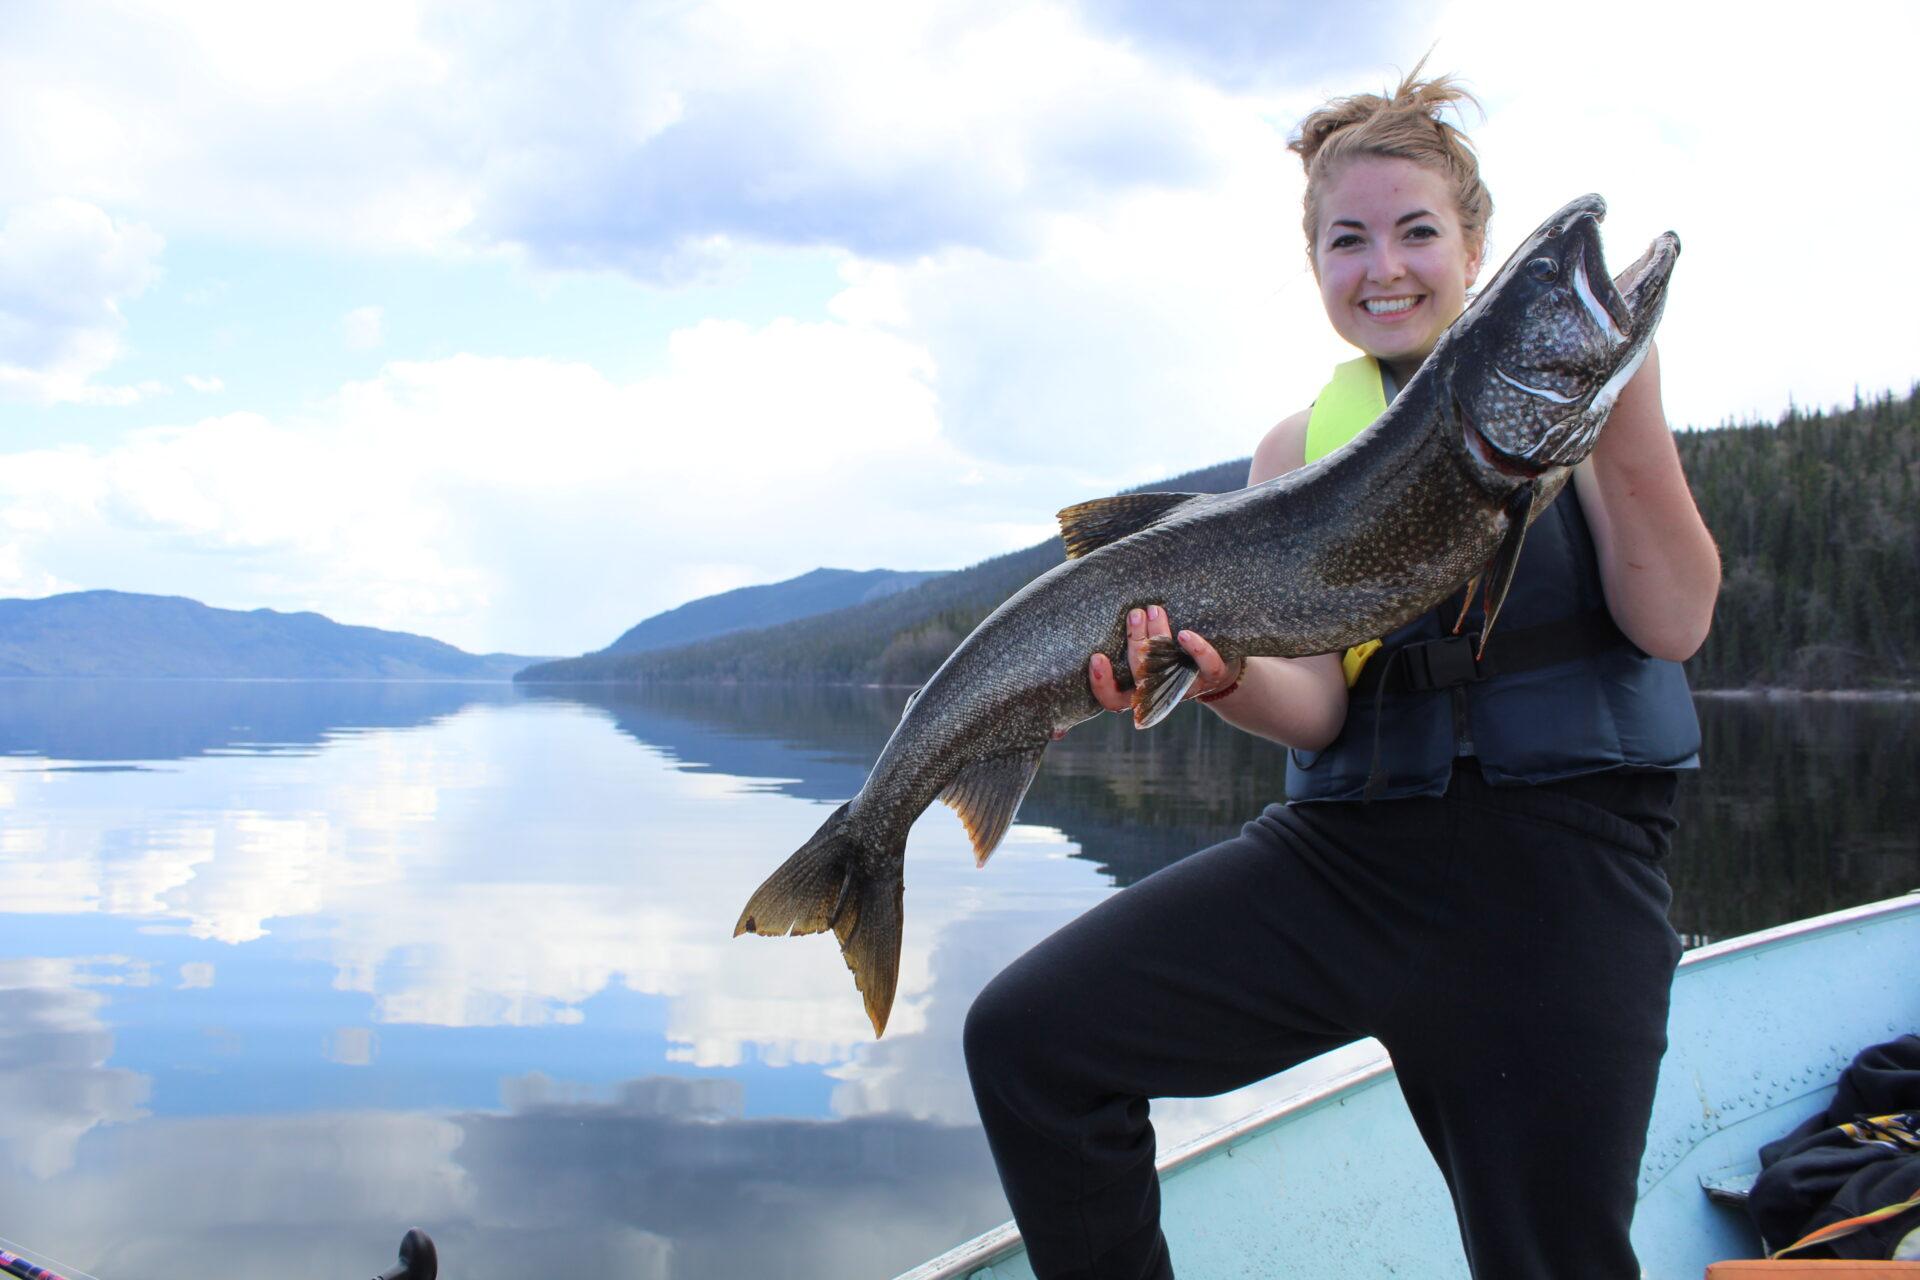 Lake trout. Credit: Raeanne O'Meara.